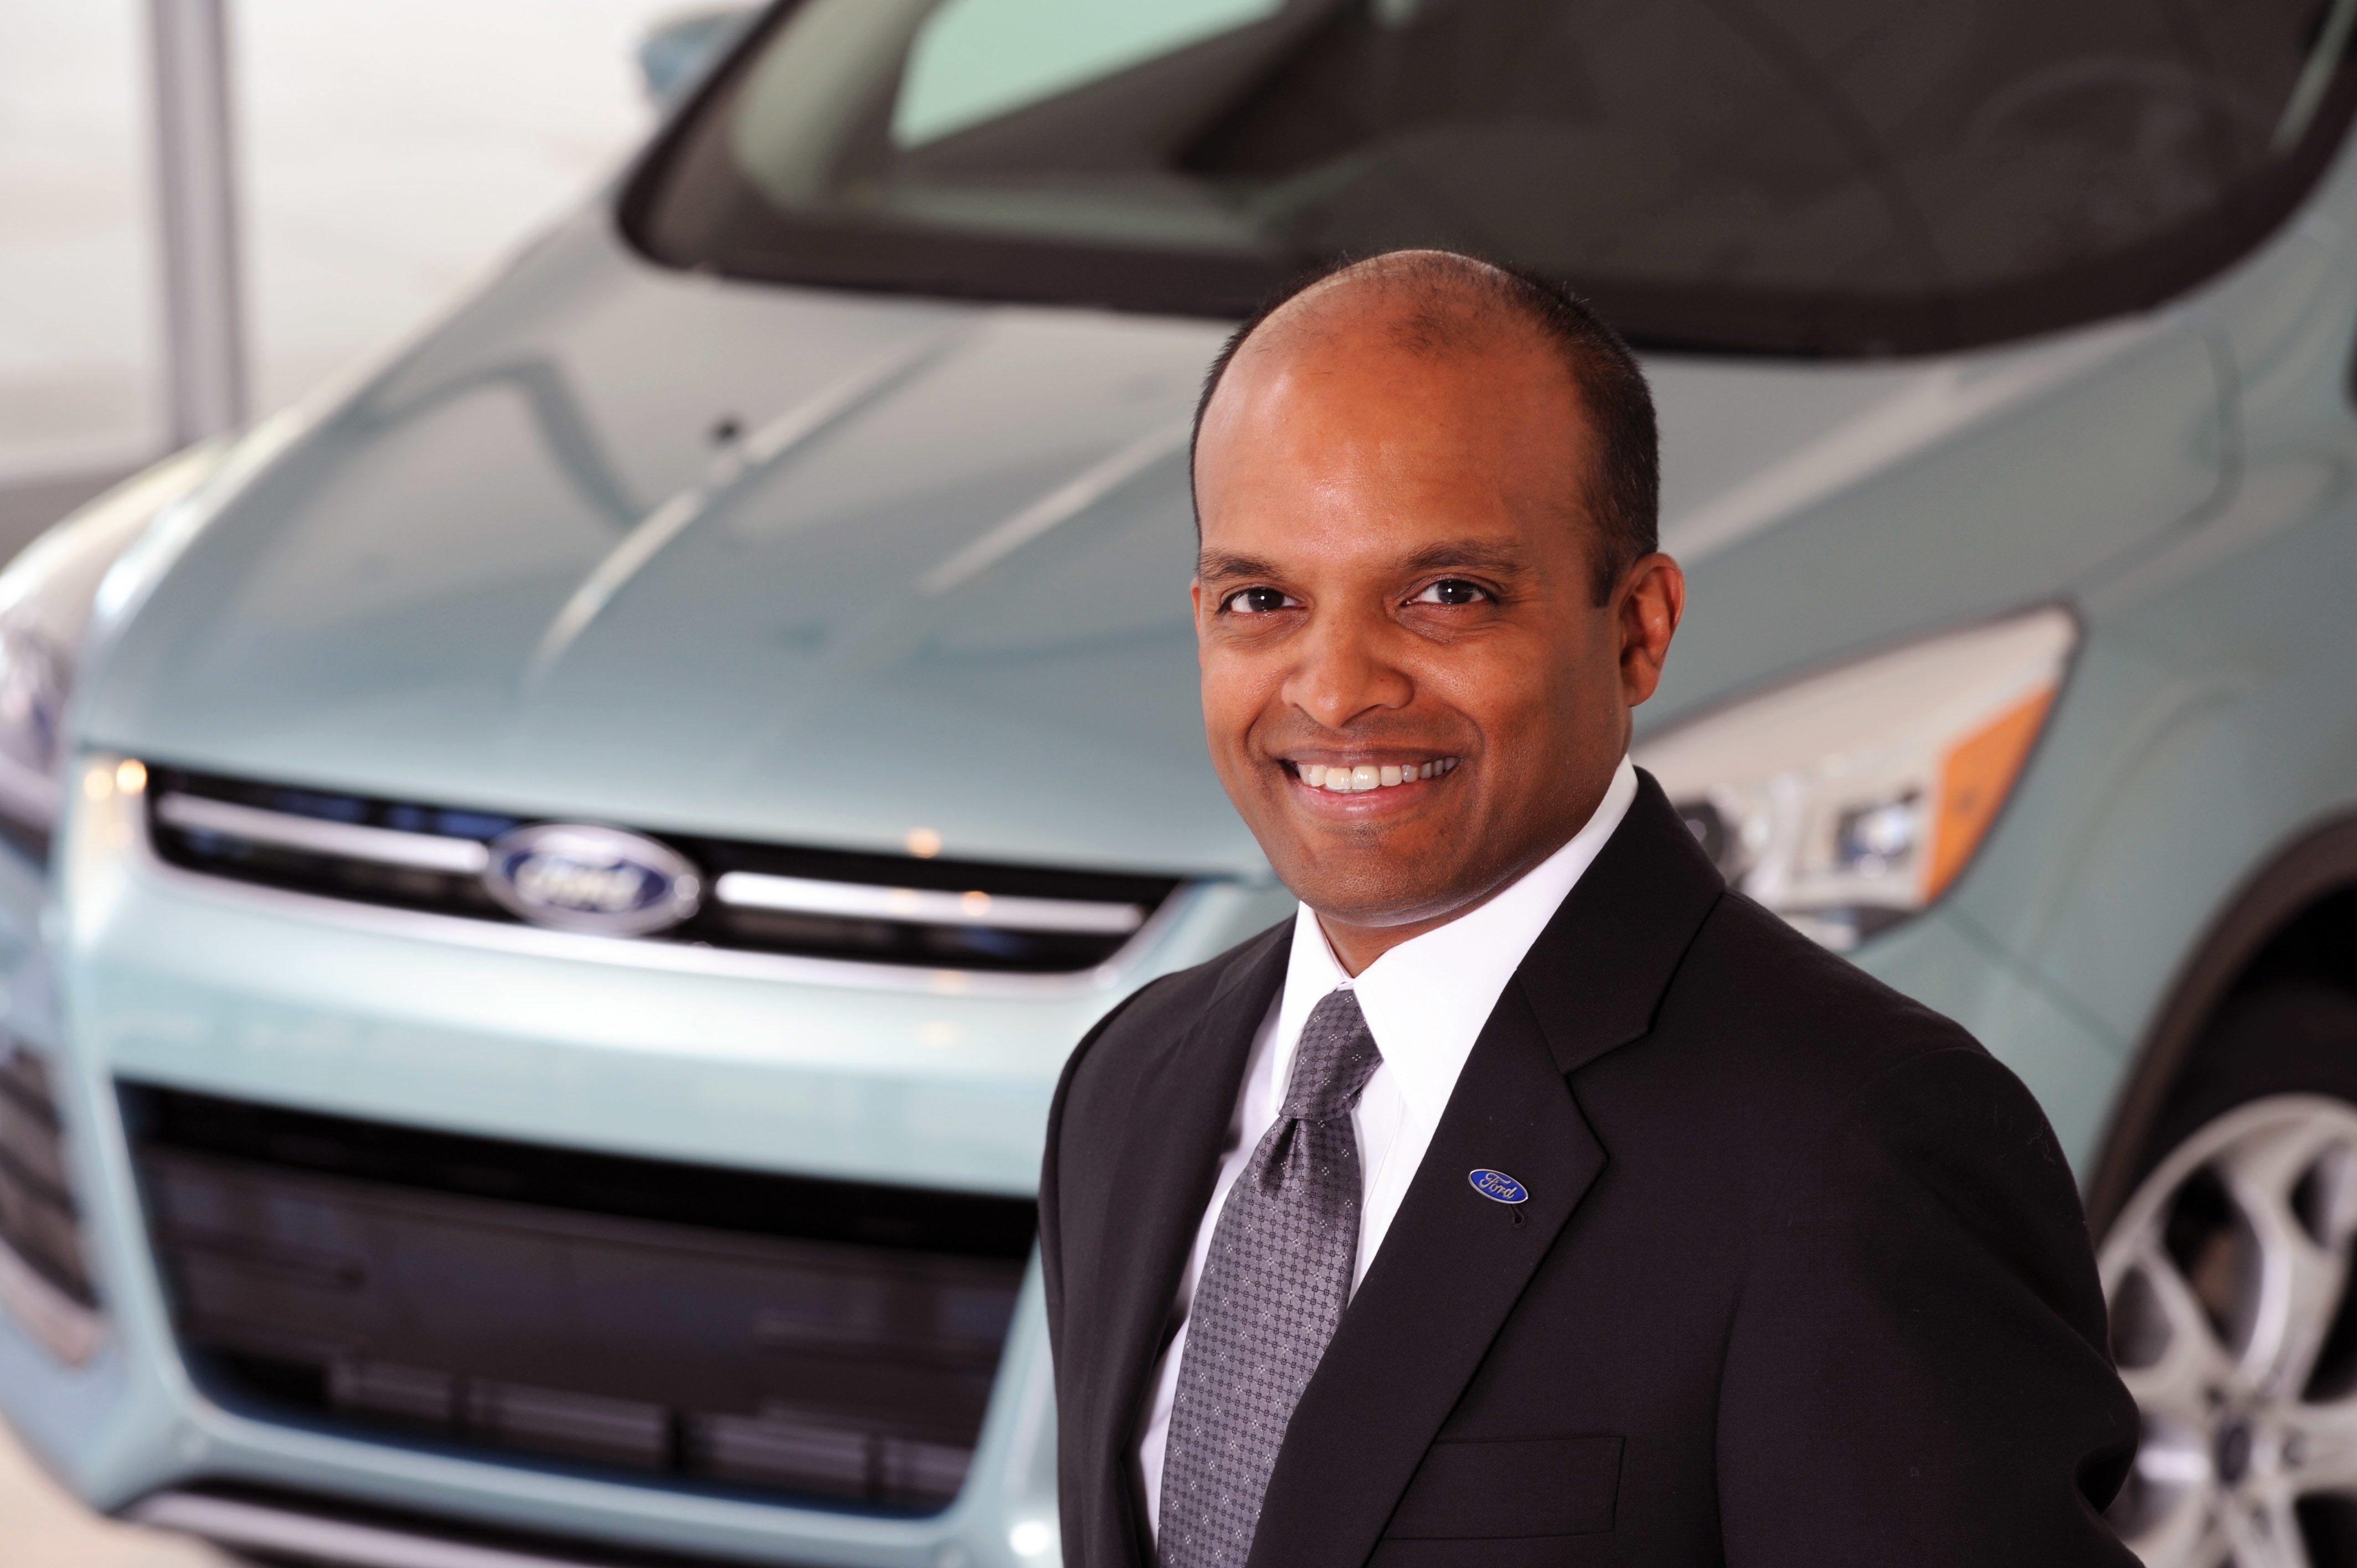 Ford despide a su director de Norteamérica por comportamiento inadecuado